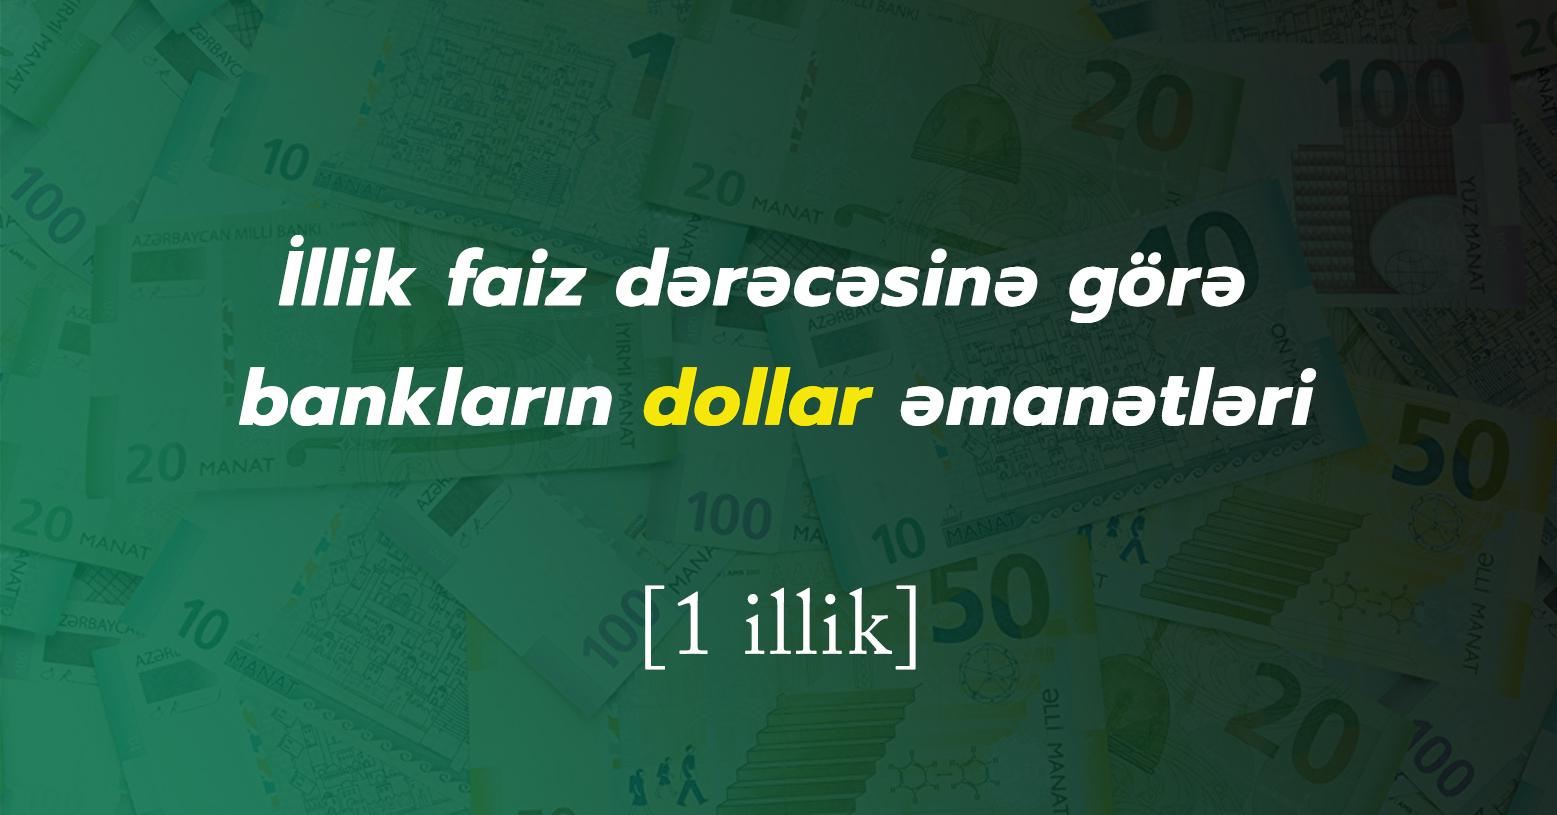 Dollar əmanəti hansı banklarda daha sərfəlidir? - Sentyabr 2020